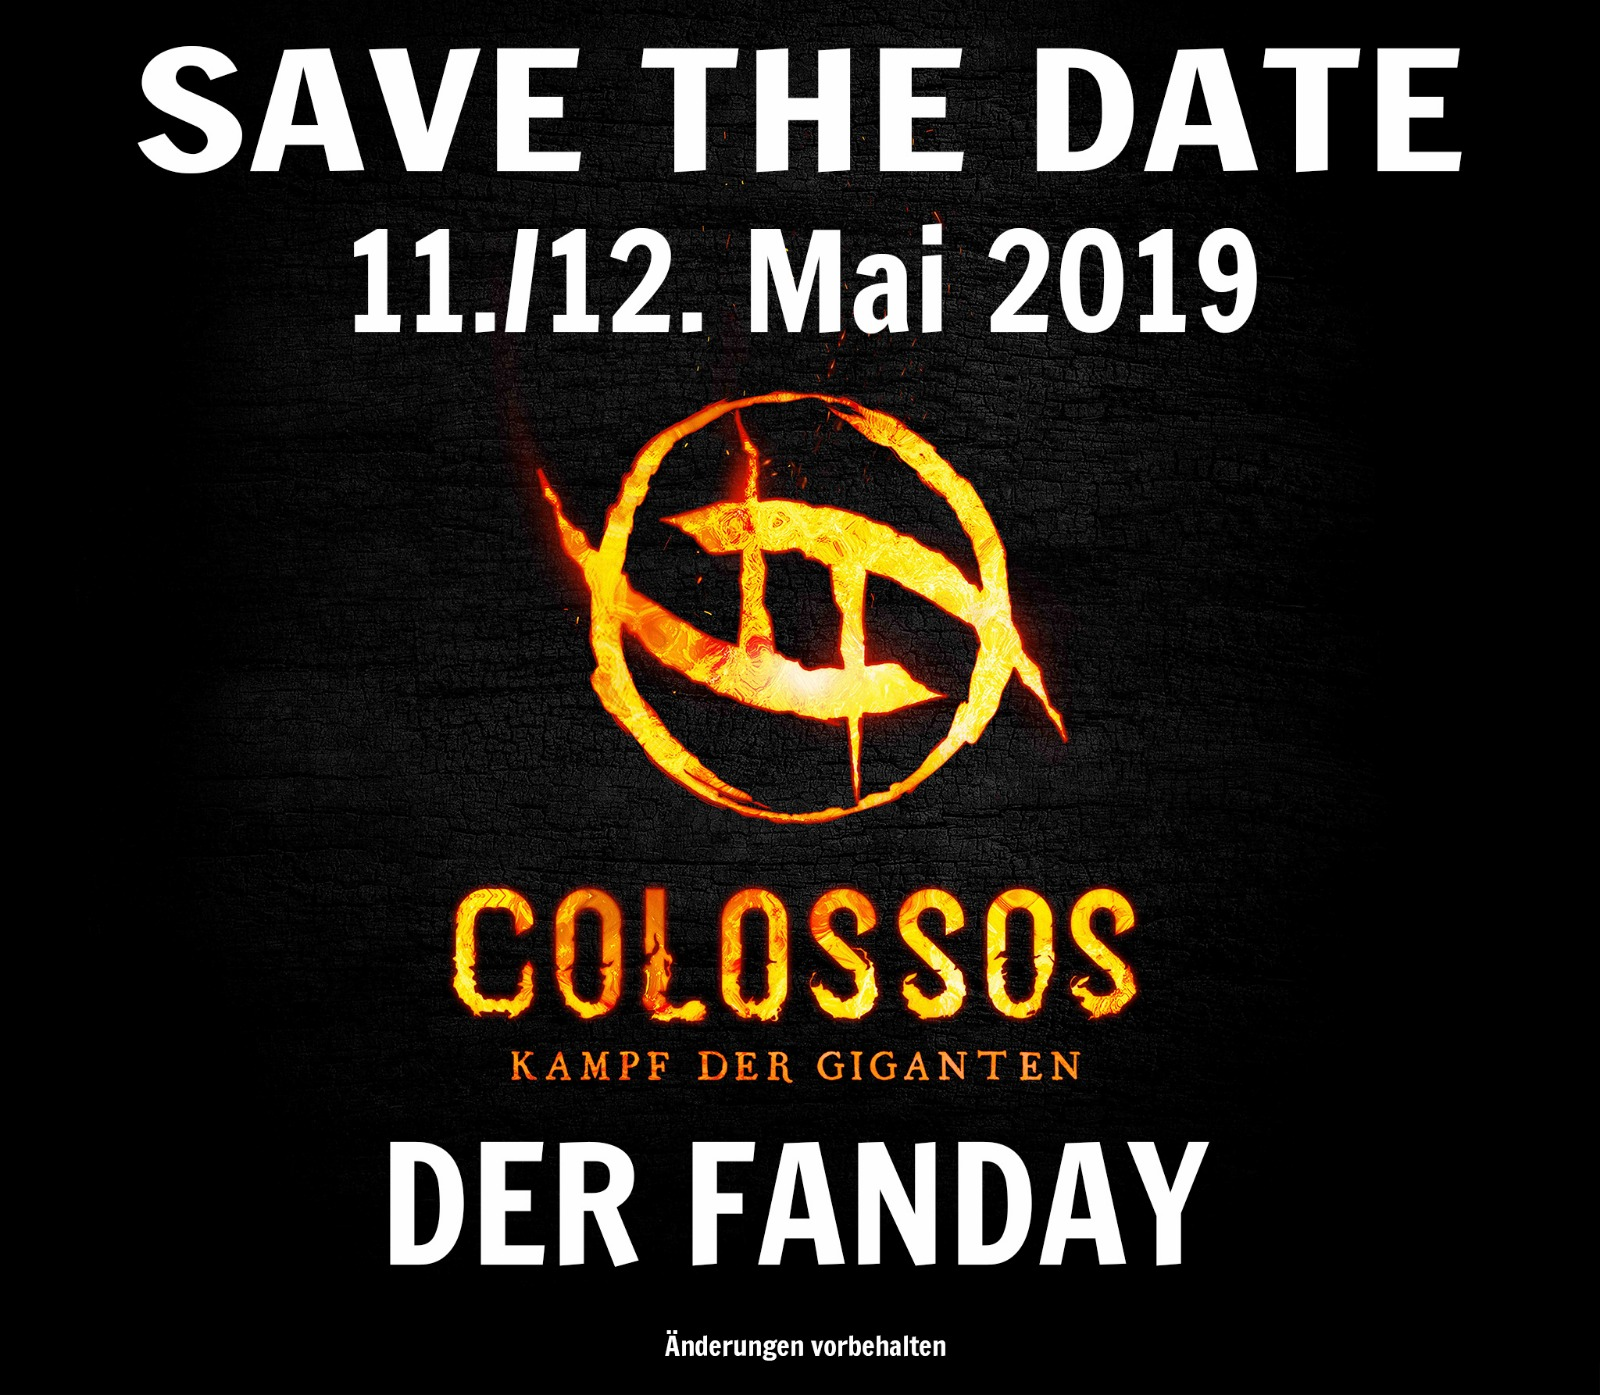 Colossos_Fanday.jpeg